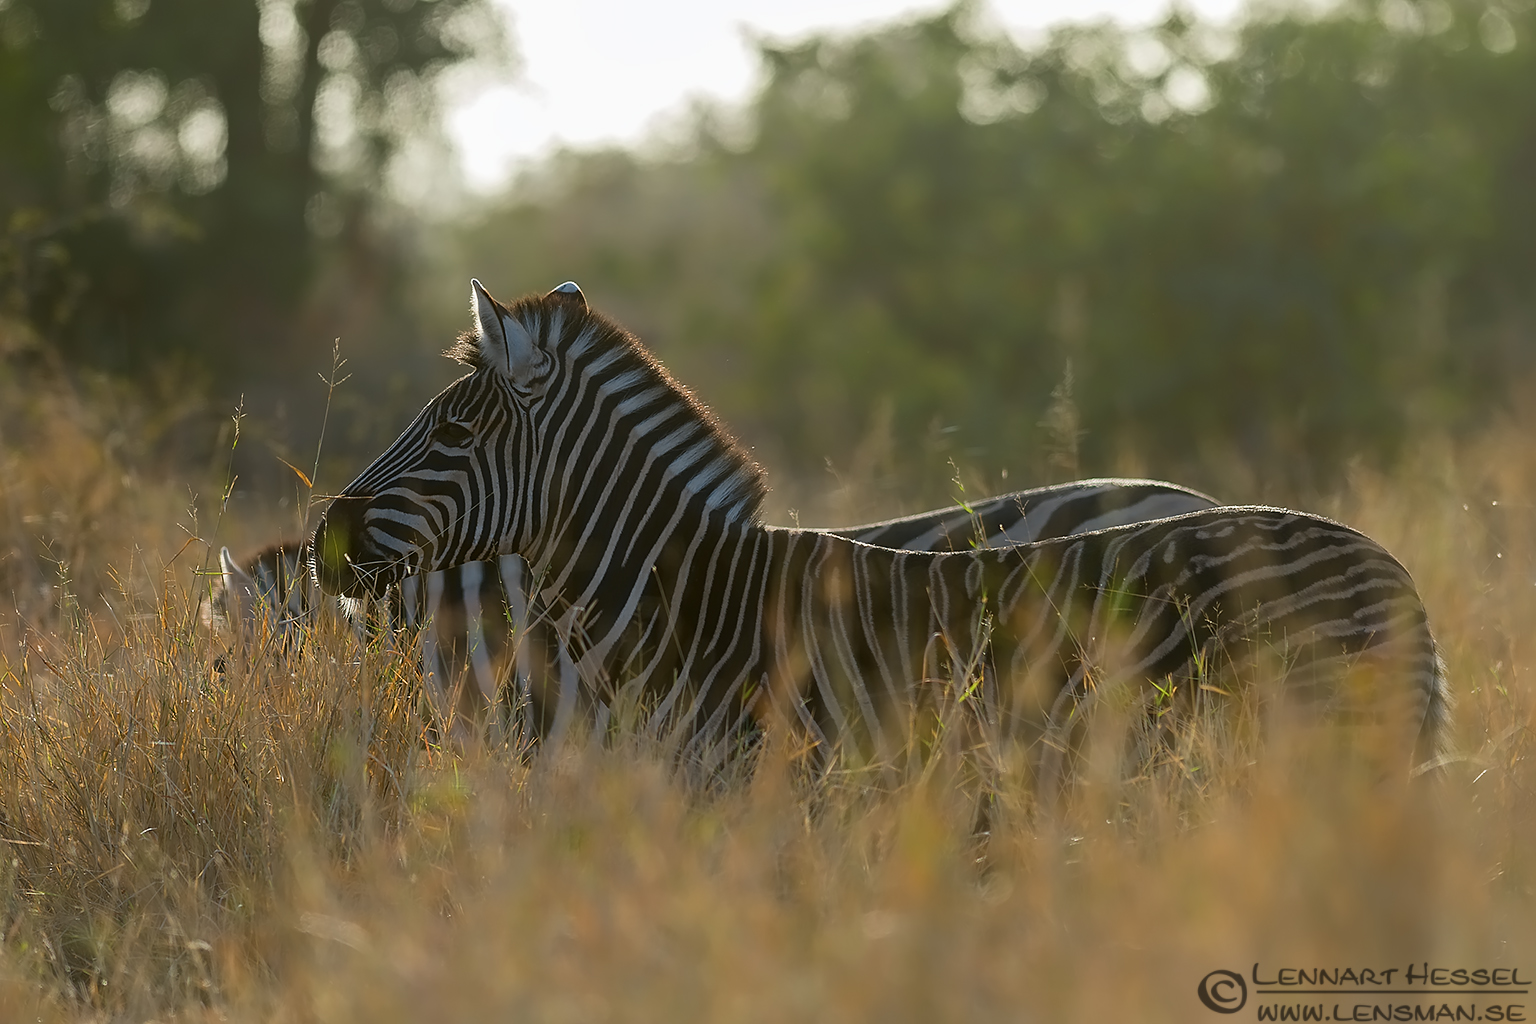 Zebra Kruger National Park South Africa